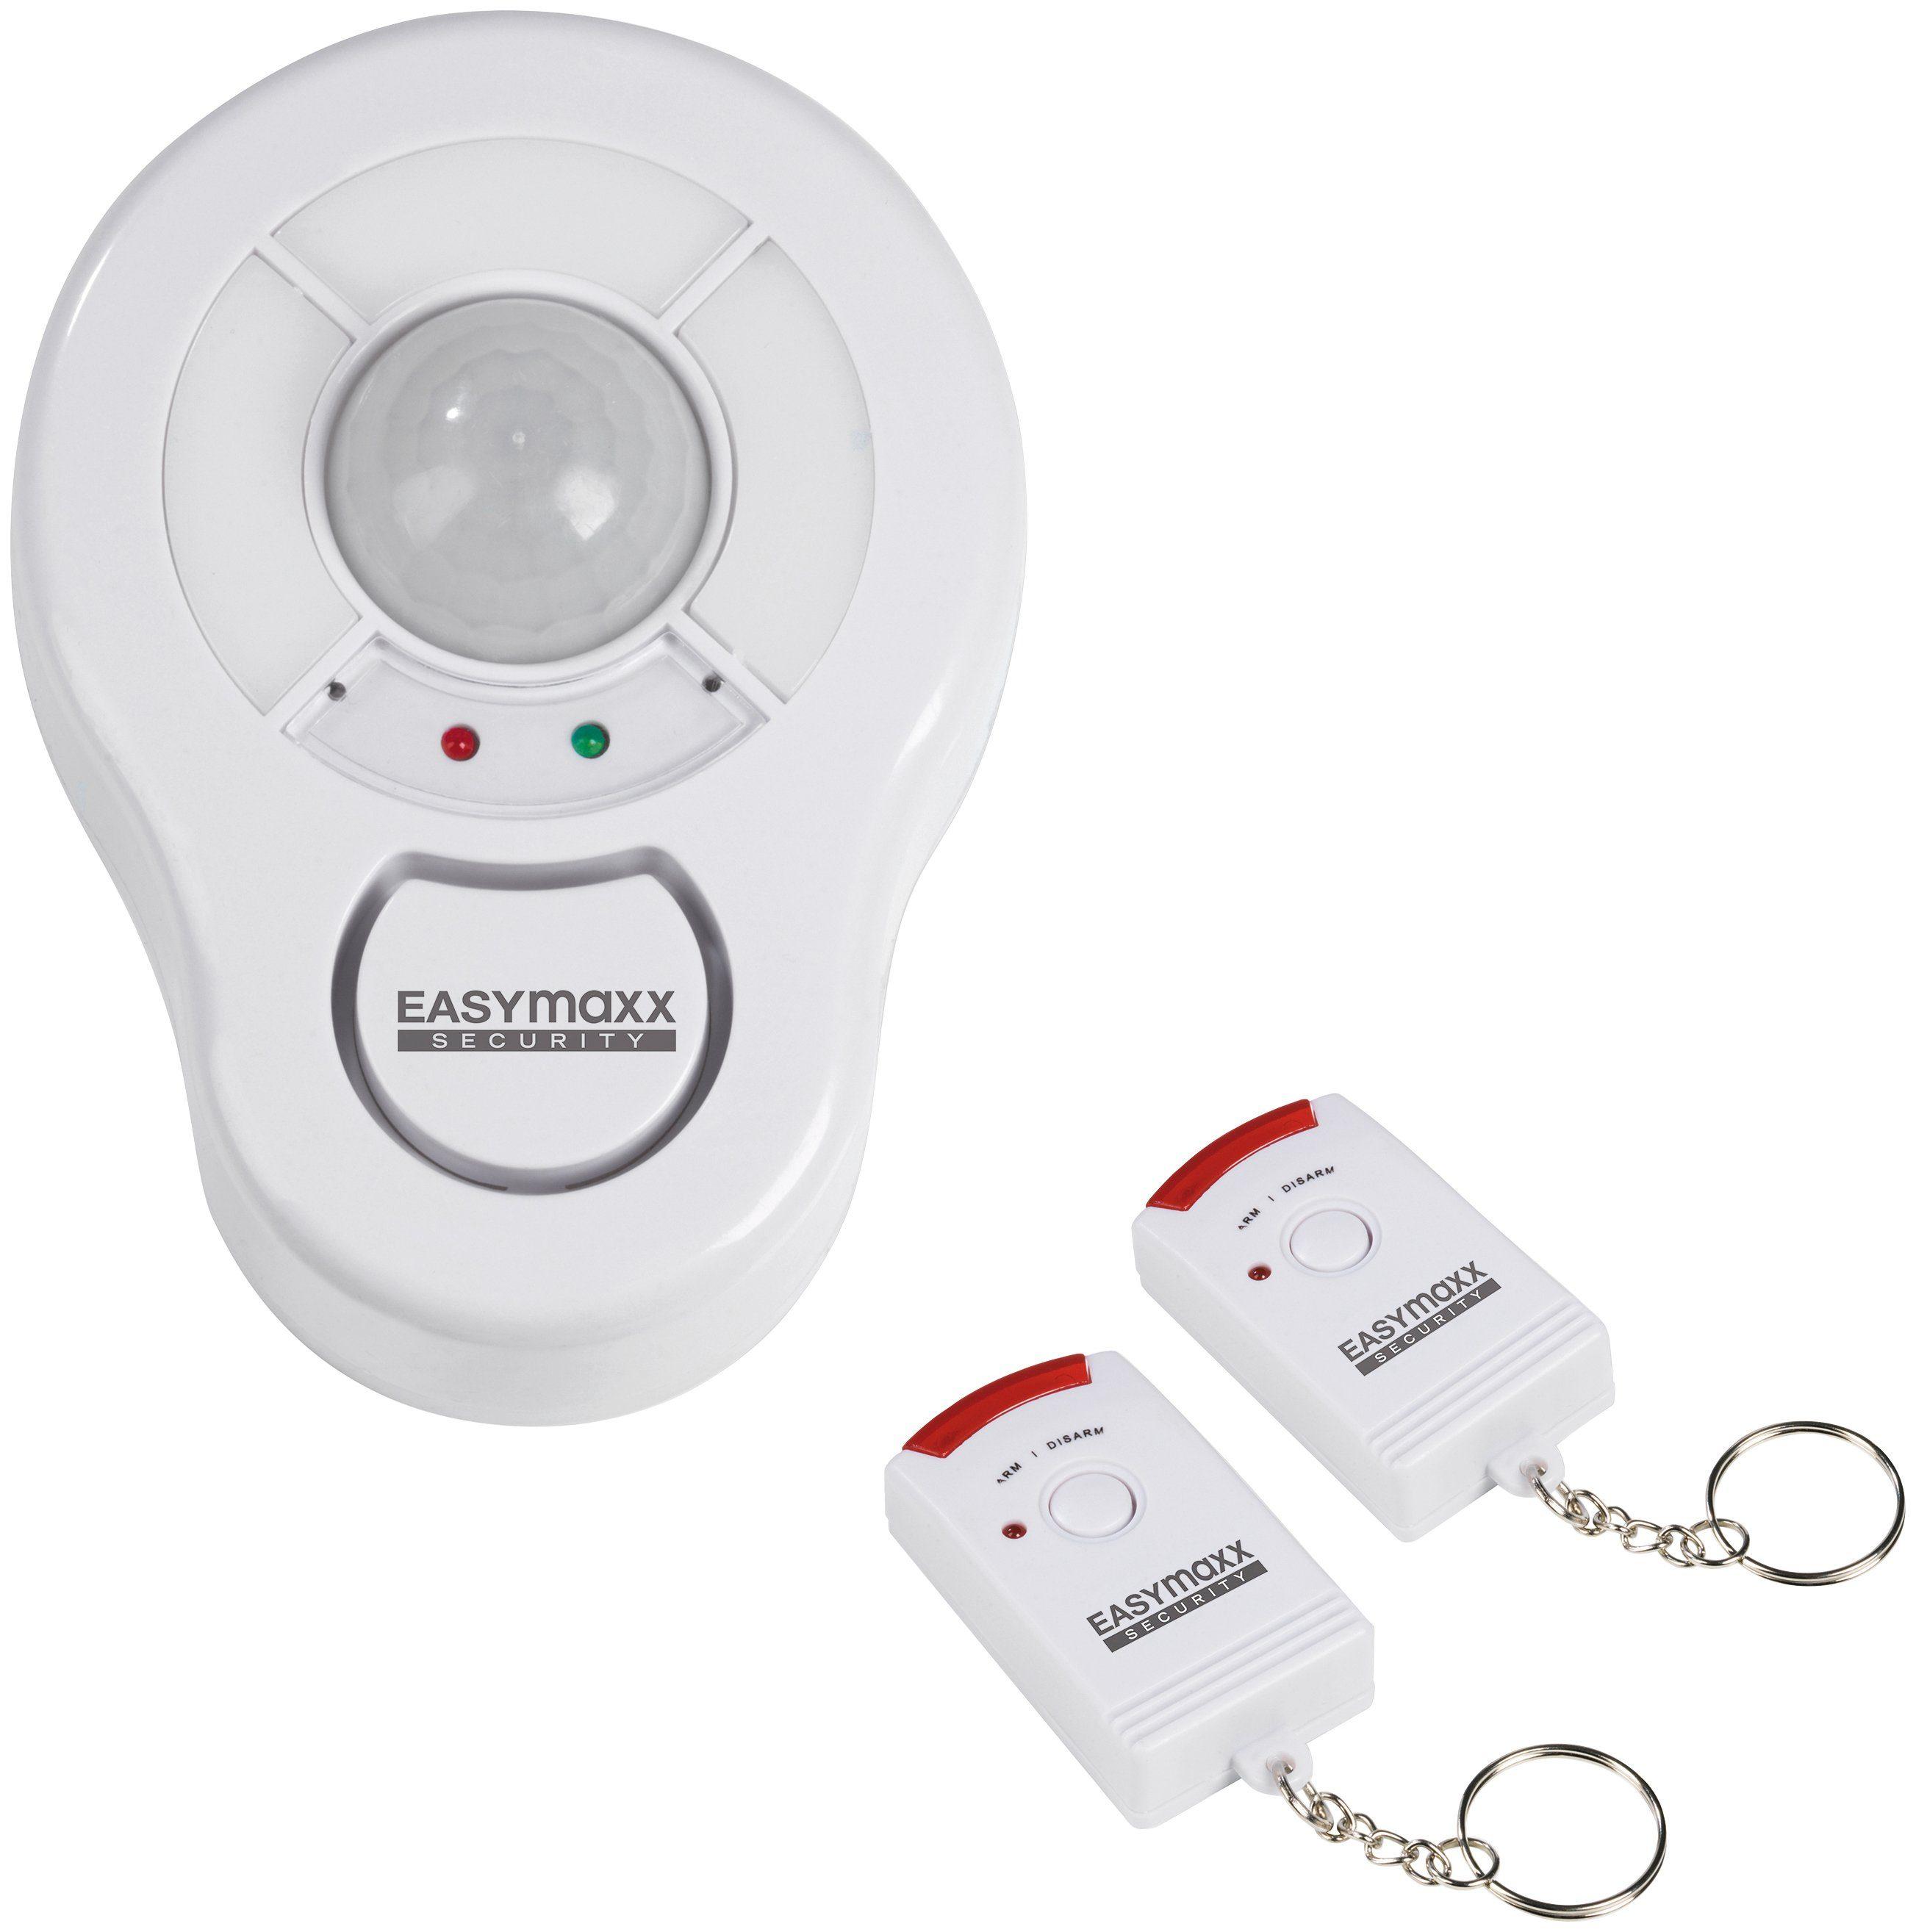 EASYMAXX Bewegungsmelder »Security«, mit Alarmfunktion